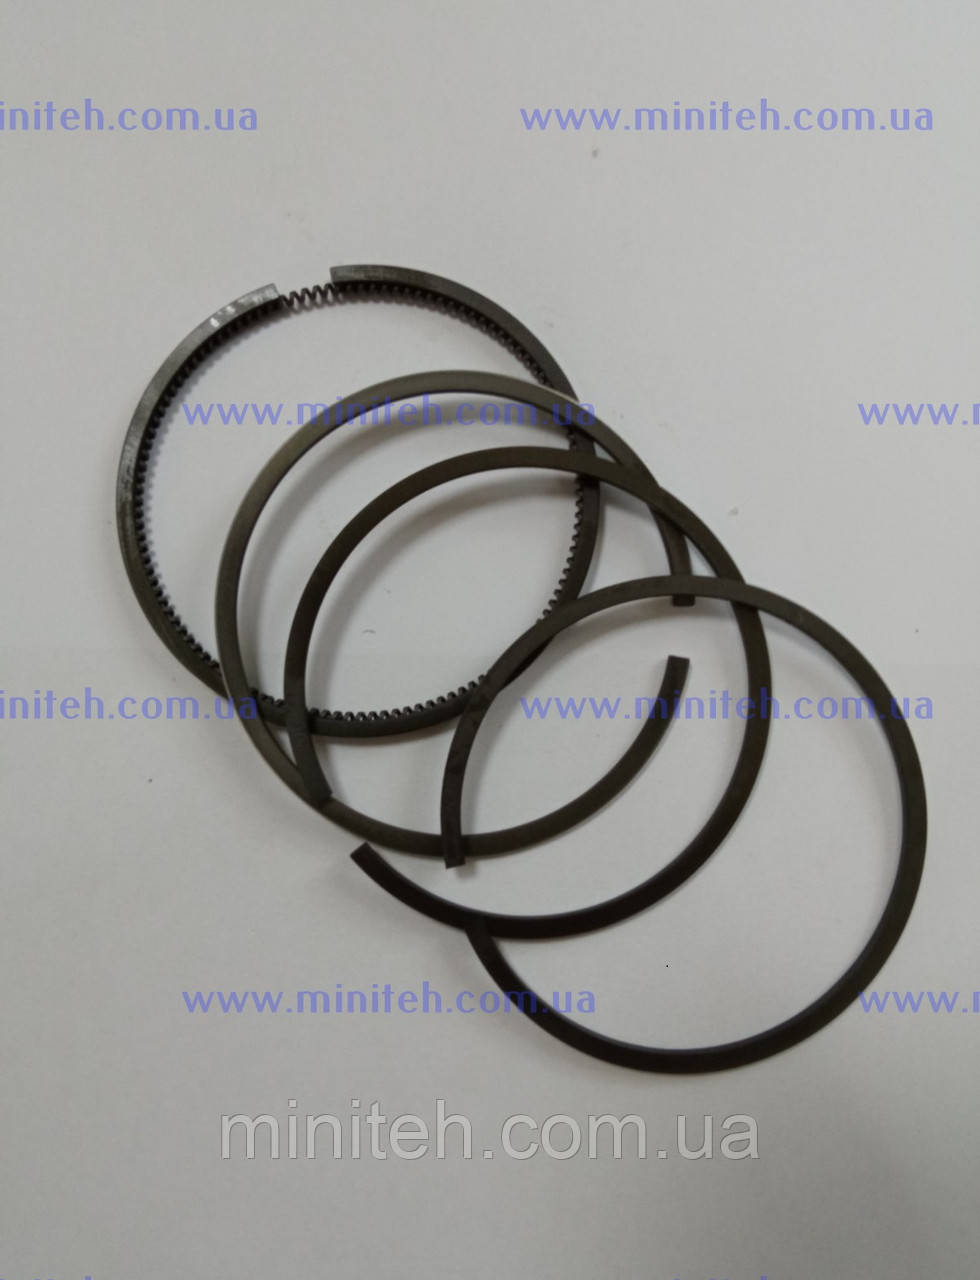 Кольца поршневые дв R-180 рем. (+0,25 мм)